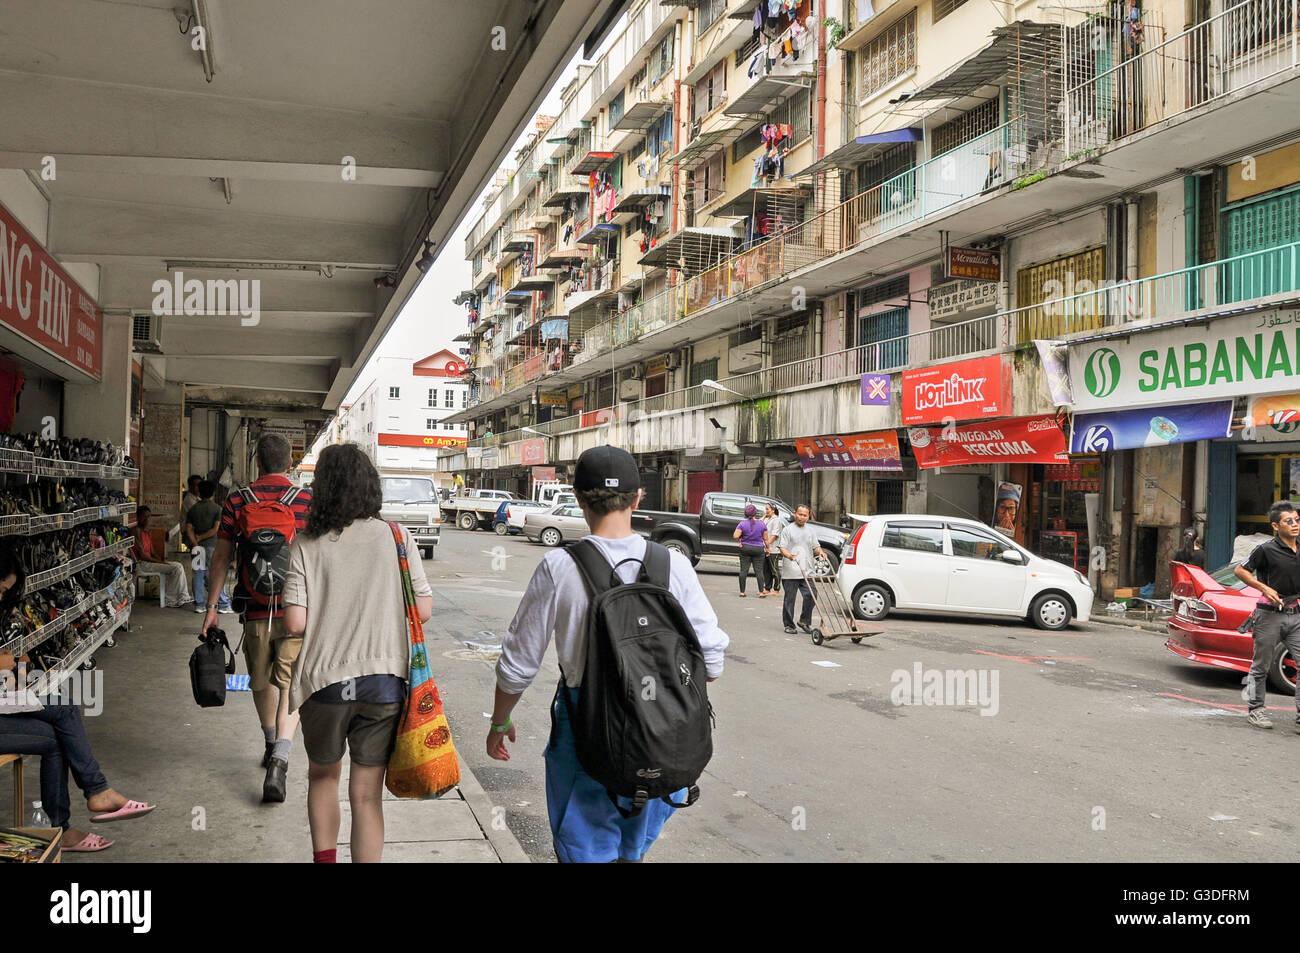 Les touristes blancs marchant à travers la ville de Sandakan, Sabah, Bornéo, Malaisie Photo Stock